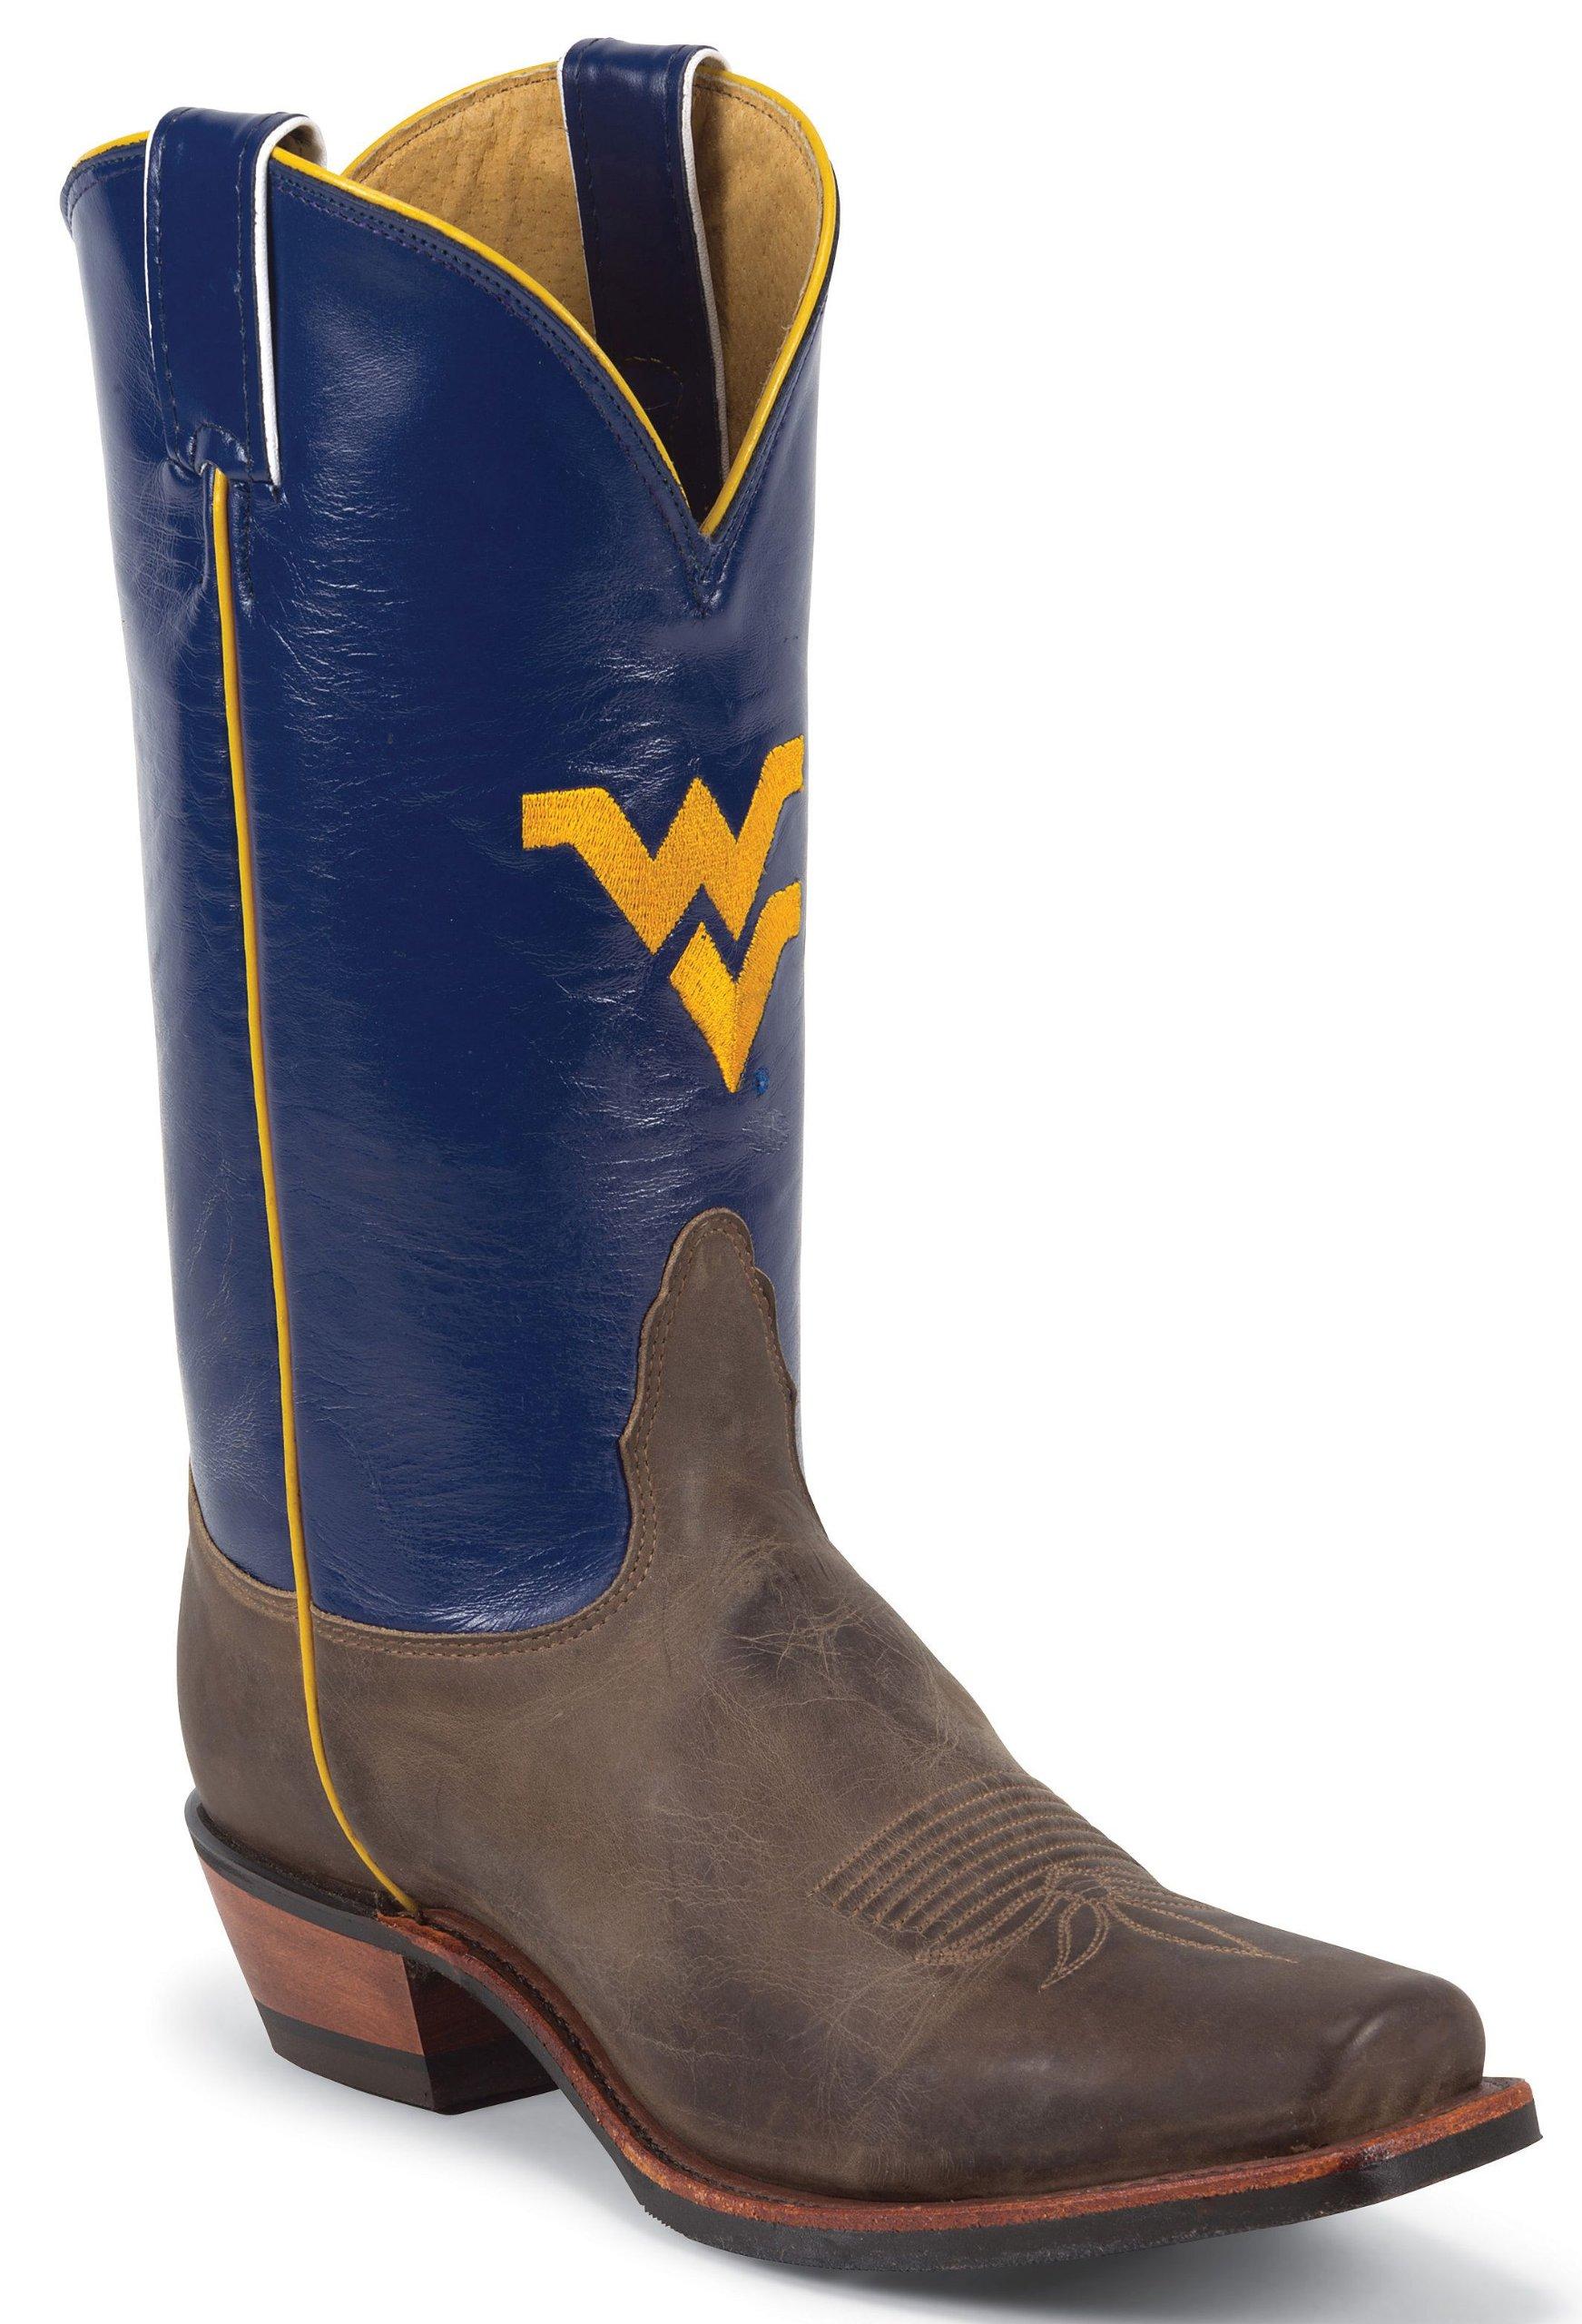 Nocona College University Virginia Cowboy